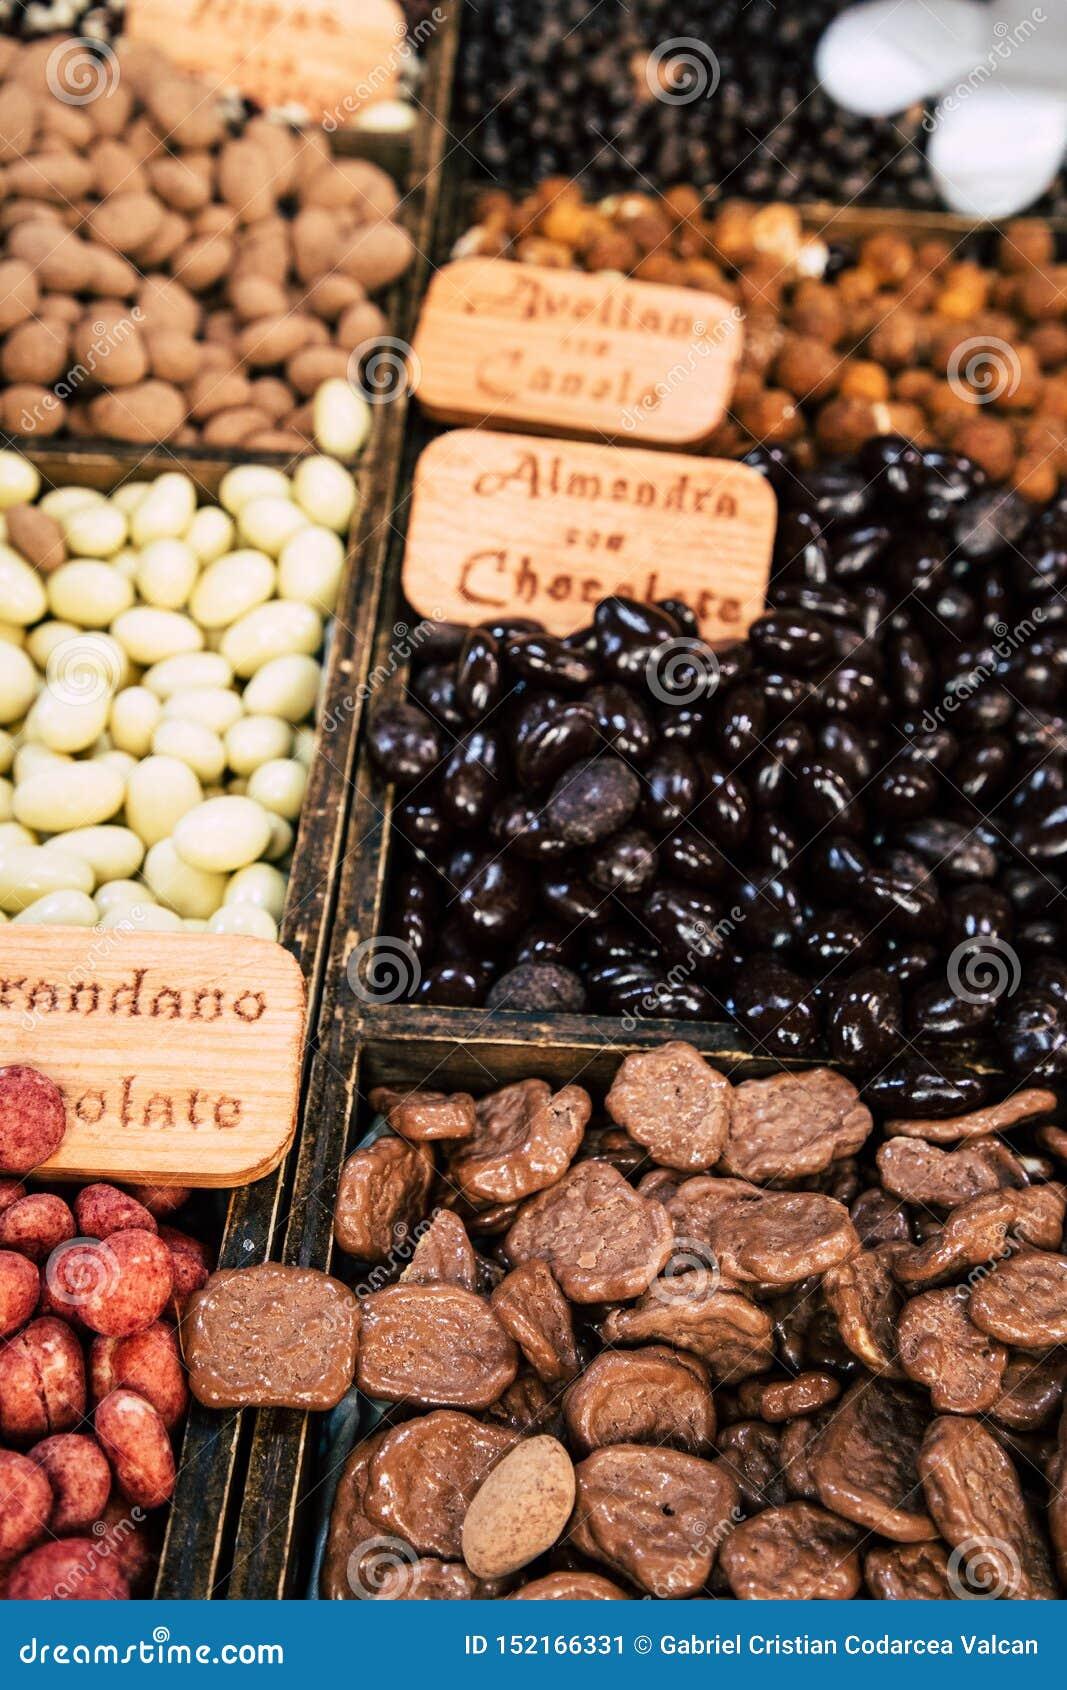 Διαφορετικές ταξινομημένες καραμέλες σοκολάτας στο κατάστημα